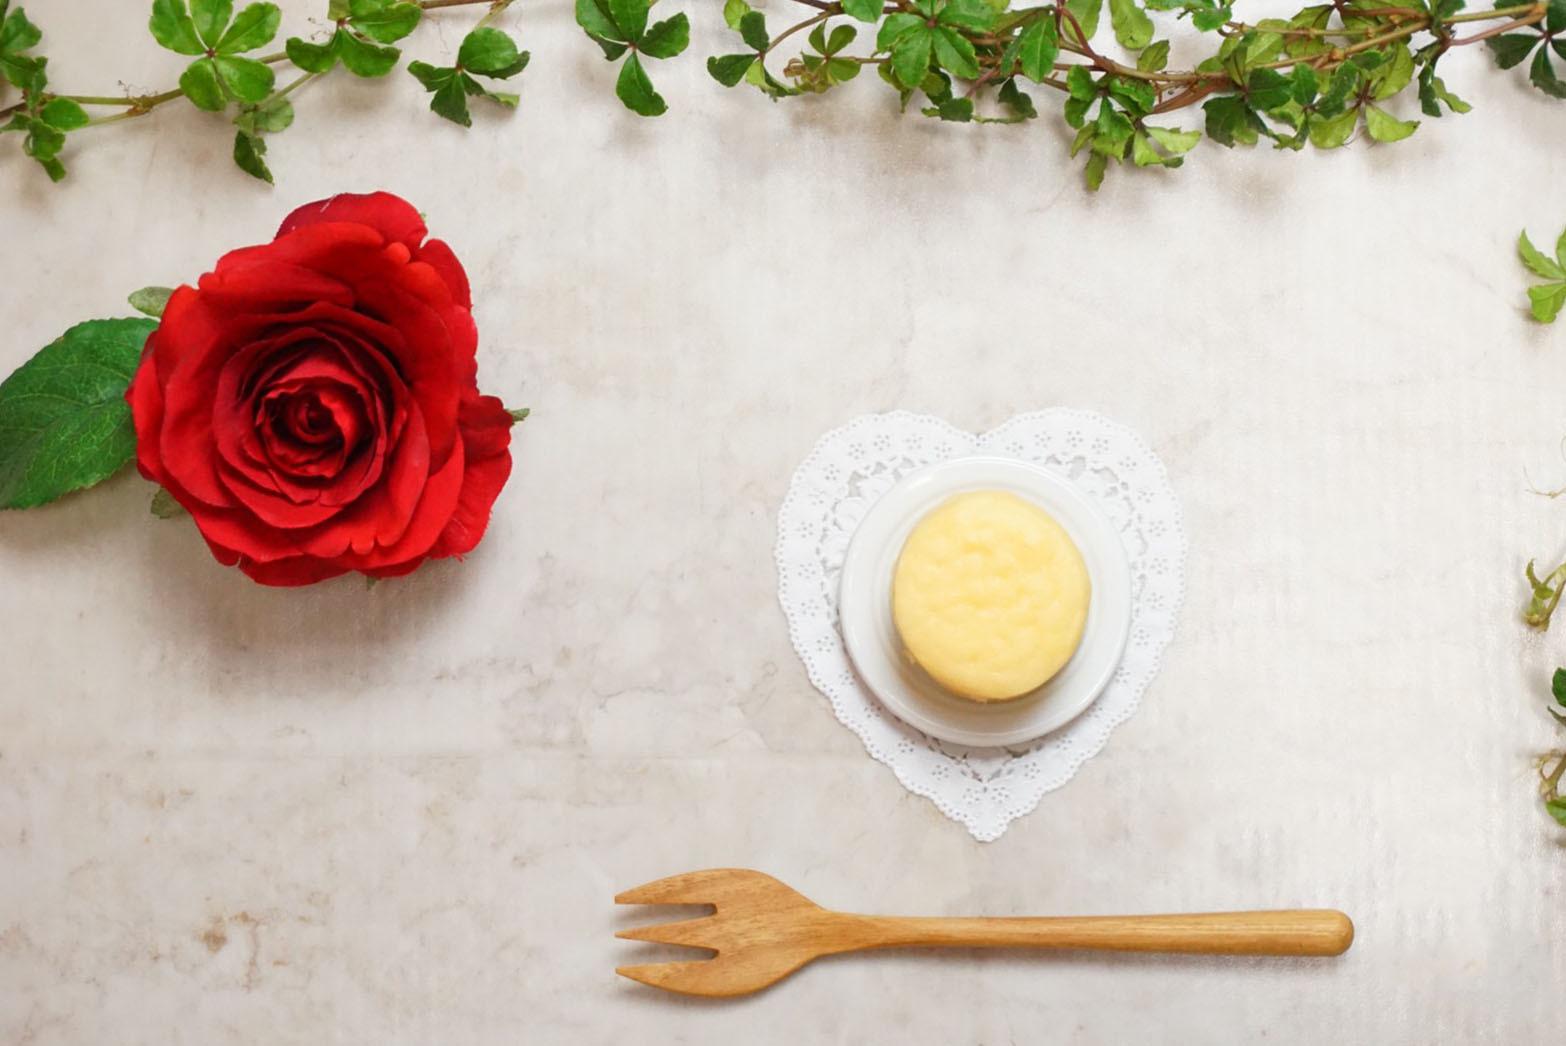 スフレチーズ 1箱(10コ入り) - Soufflé Cheesecake(10 pieces)